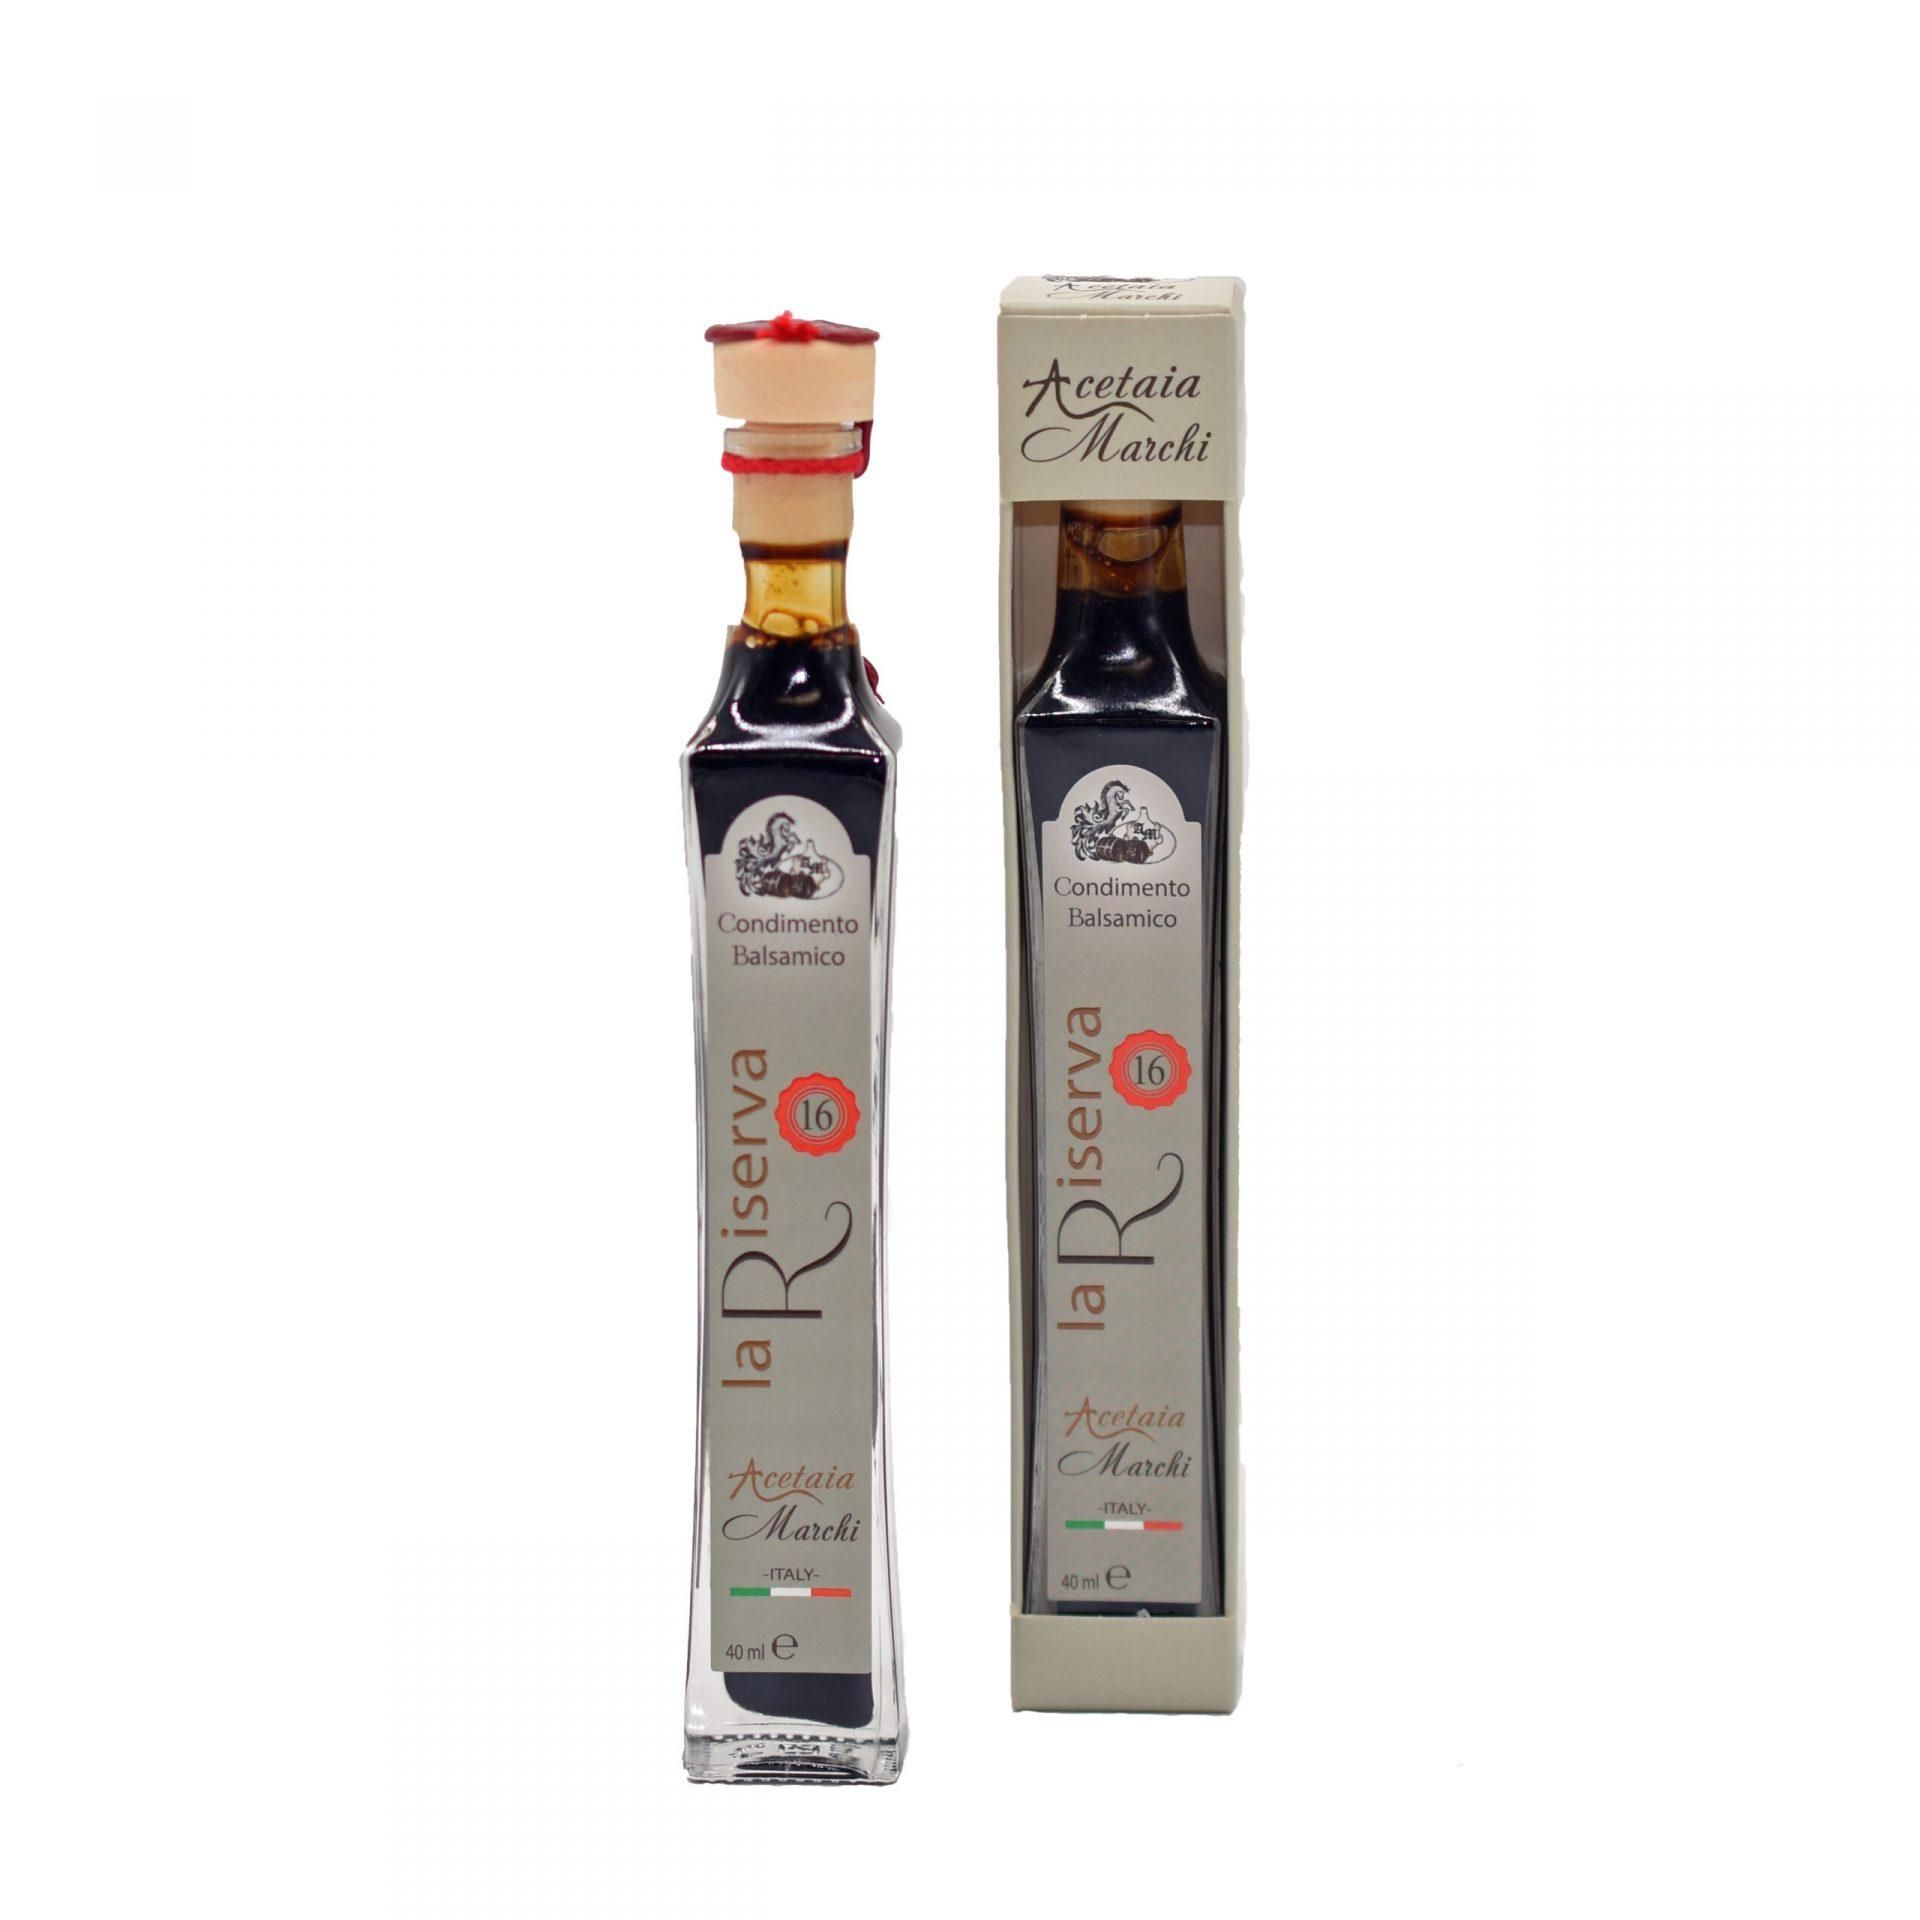 condimento-balsamico-la-riserva-16